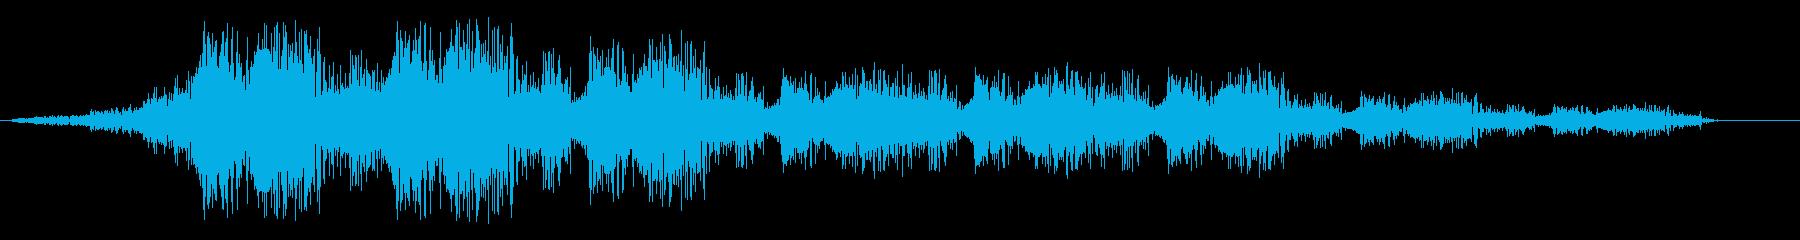 シュンシュン(動きがある音)の再生済みの波形